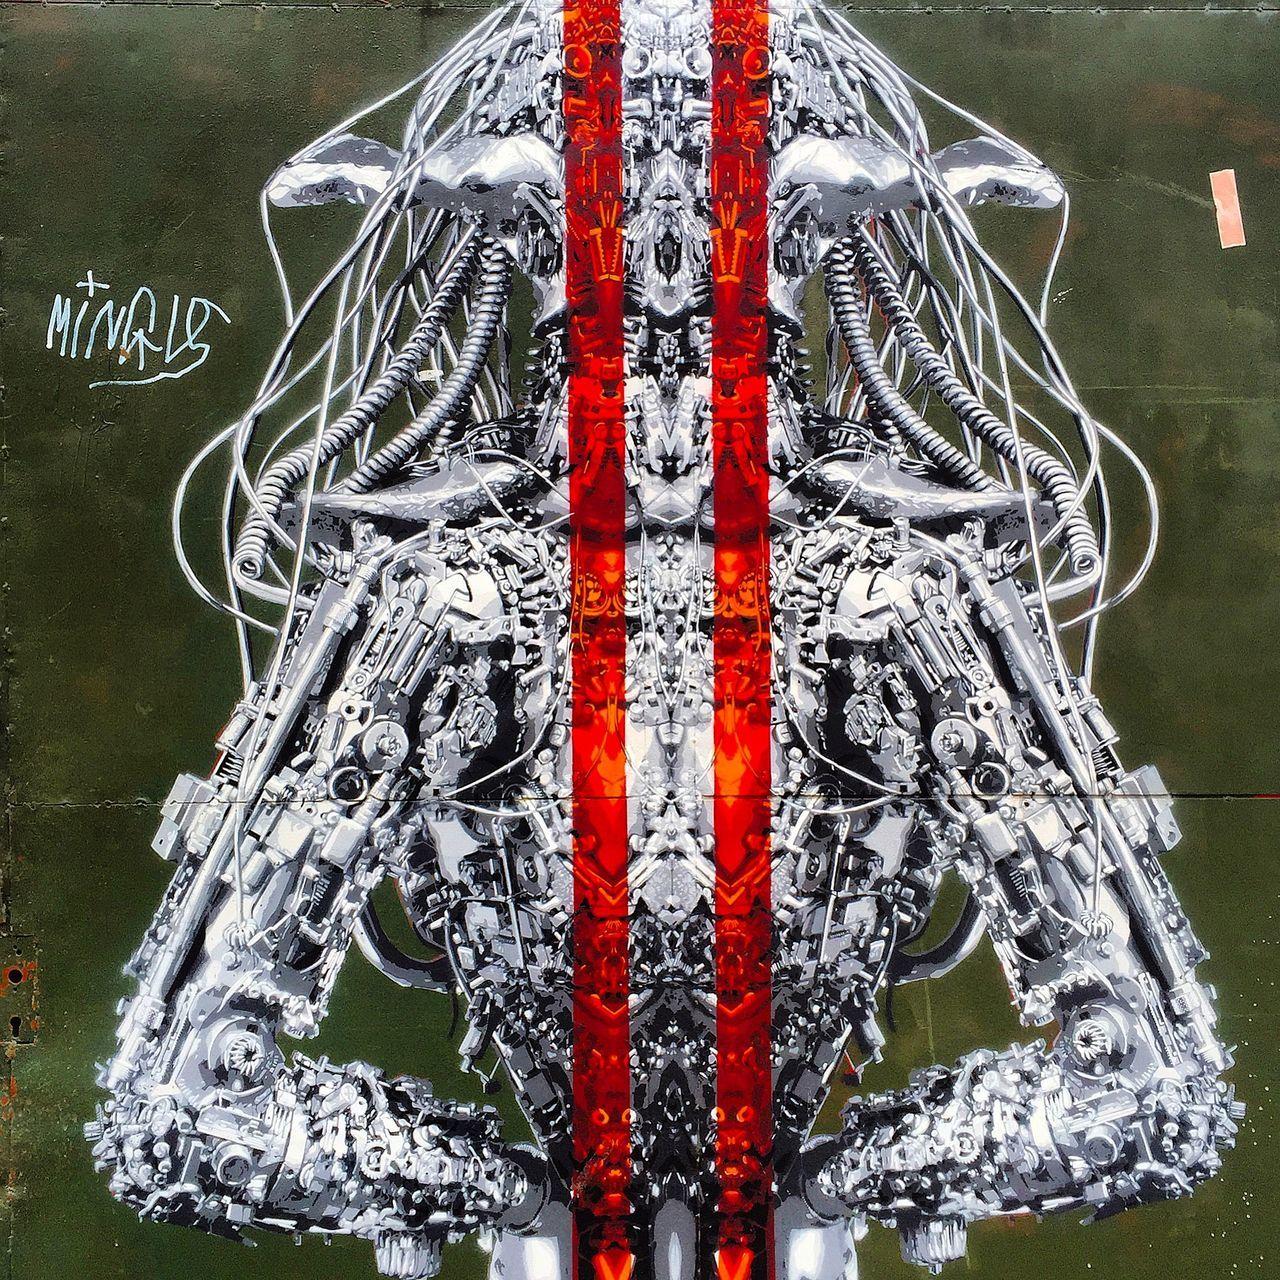 Streetart Art Berlin Exploring